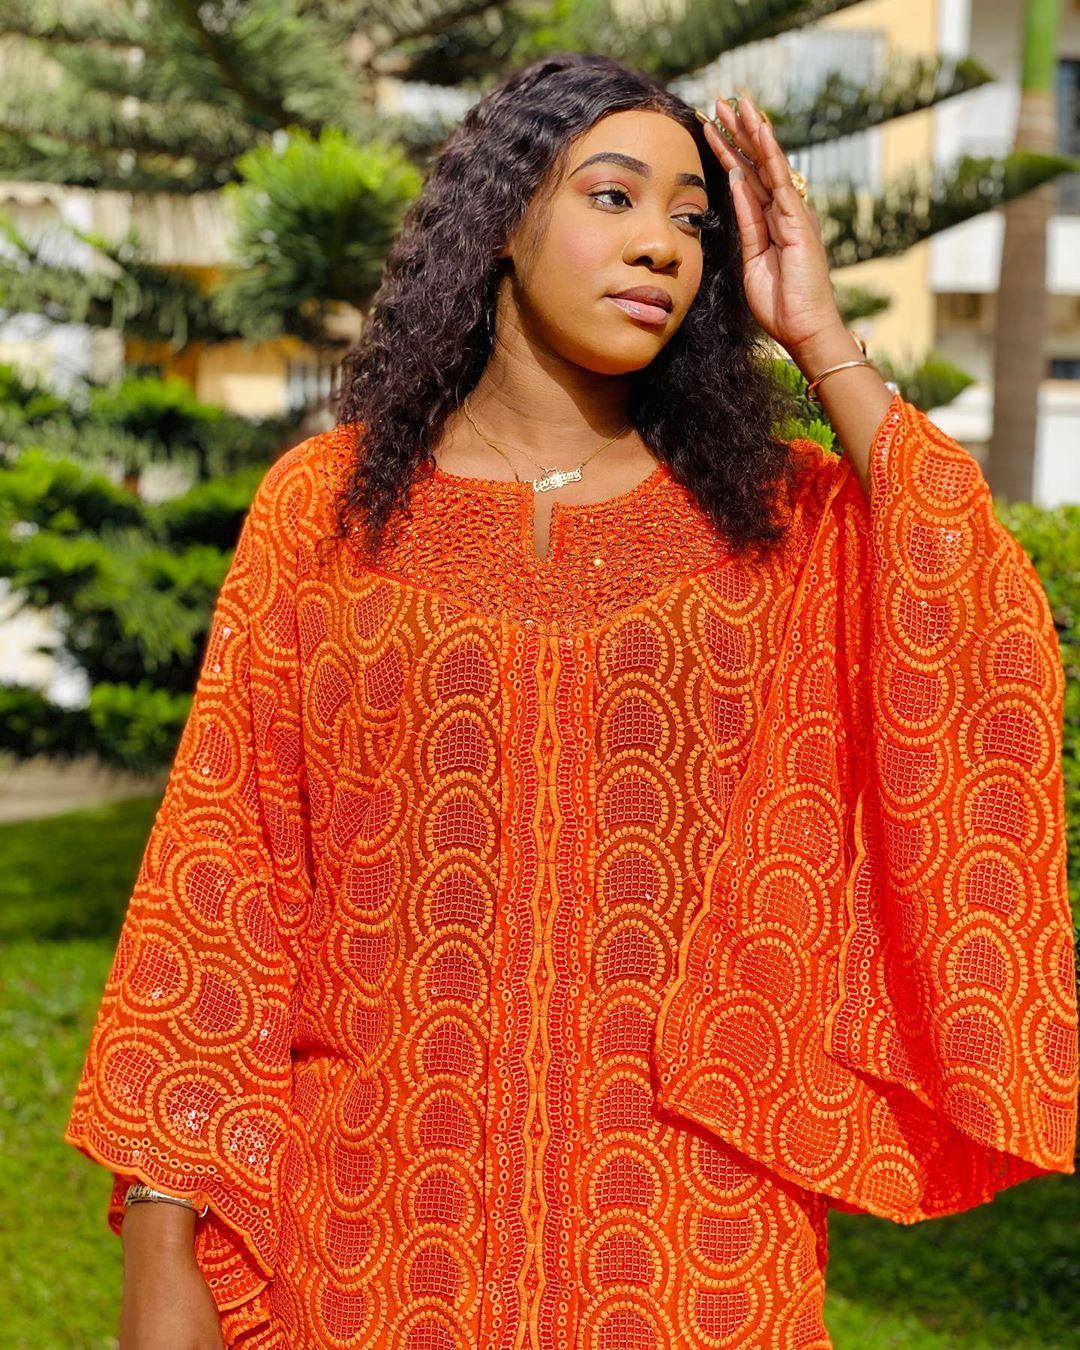 (30 Photos) - Sagnsé, Saf, Sourire: Galerie du Sénégal, le groupe le plus célèbre sur instagram